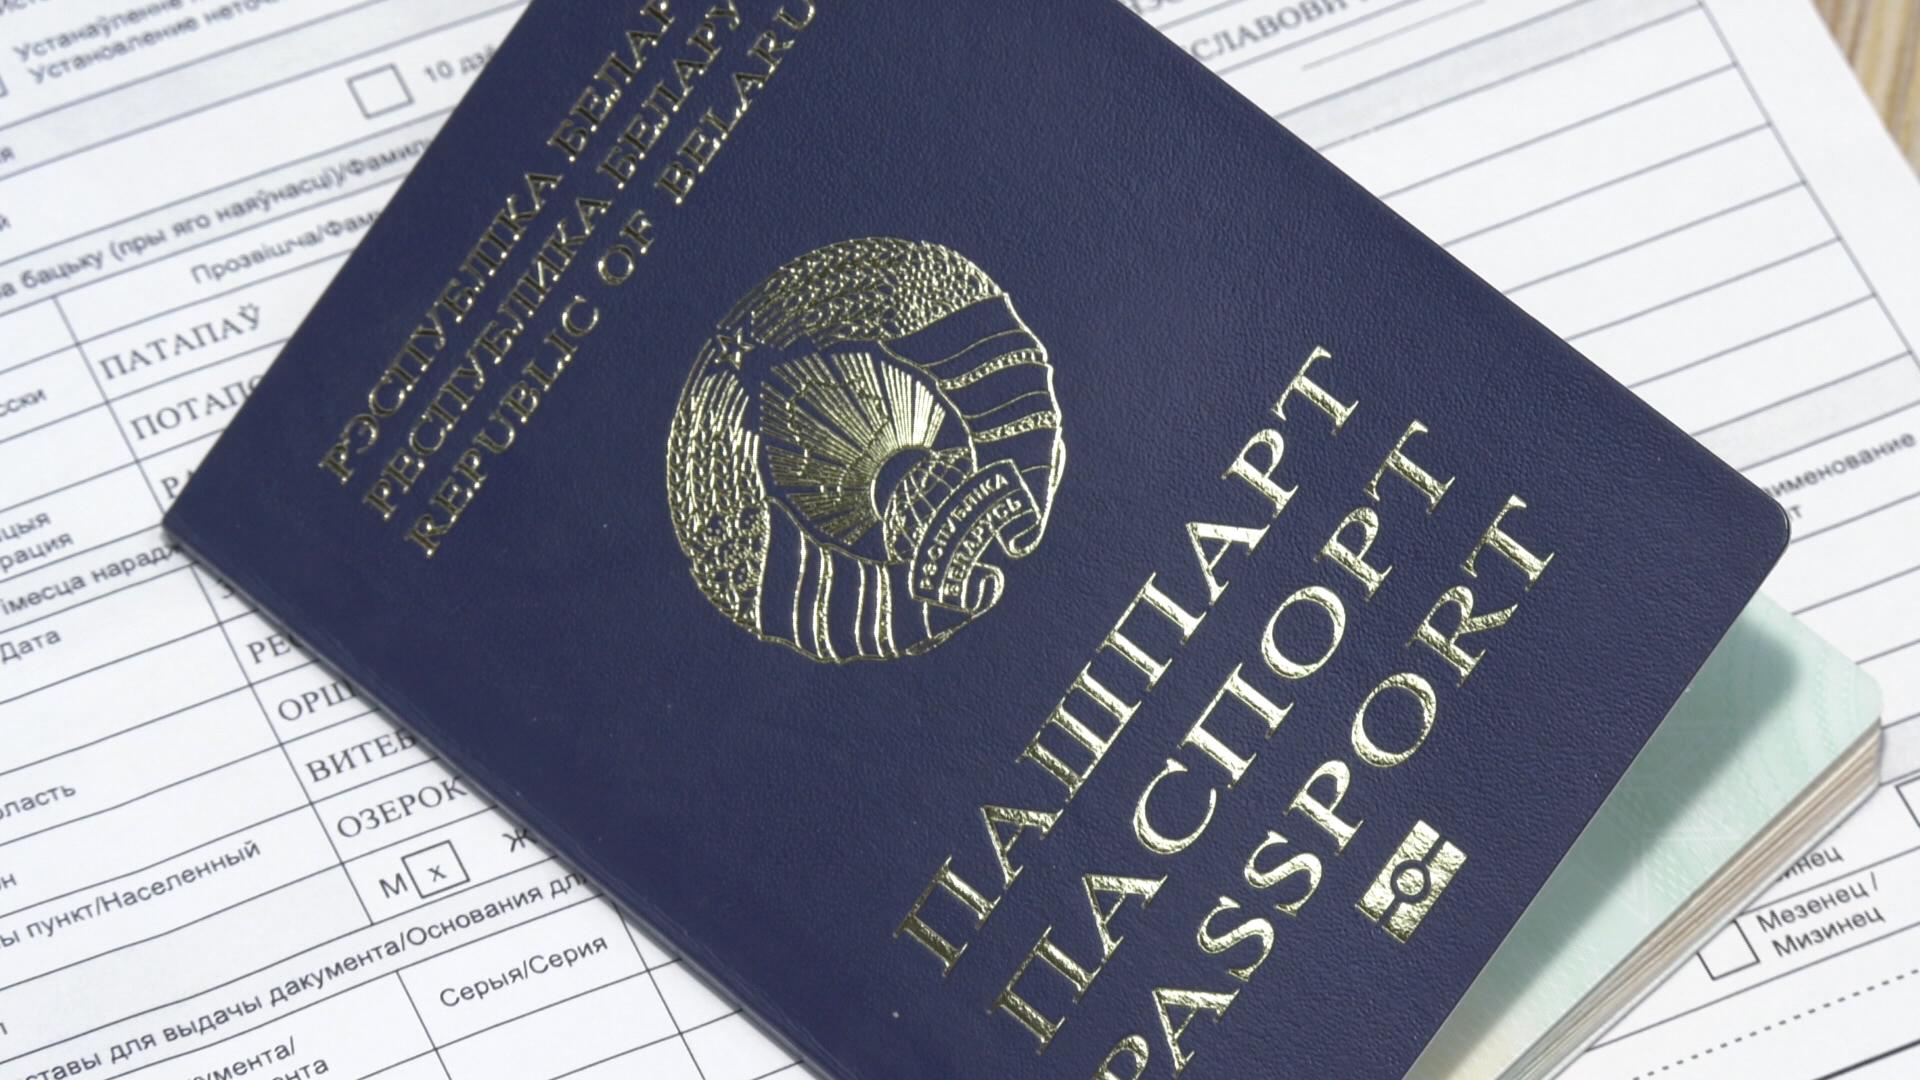 pasport - В Витебске готовятся к введению ID-карт и биометрических паспортов (видео)